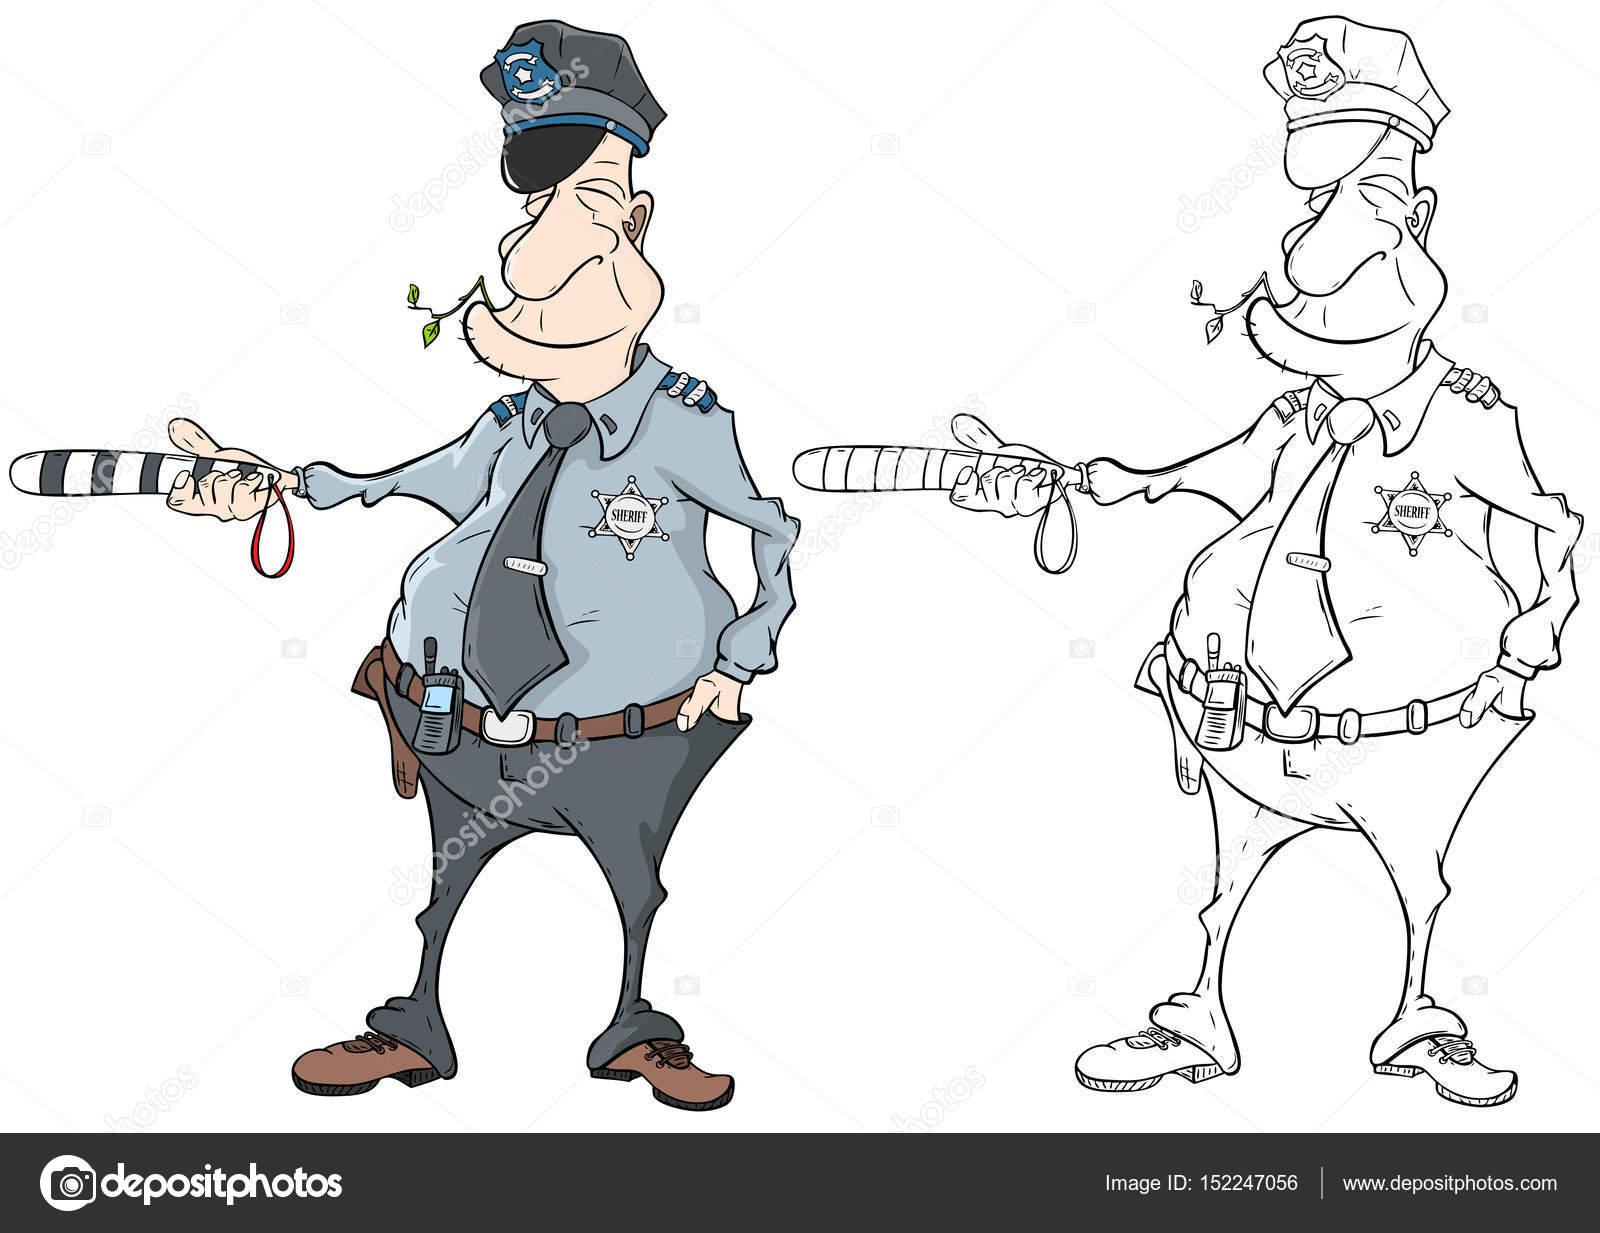 Ilustración de libro de colorear policía — Archivo Imágenes ...